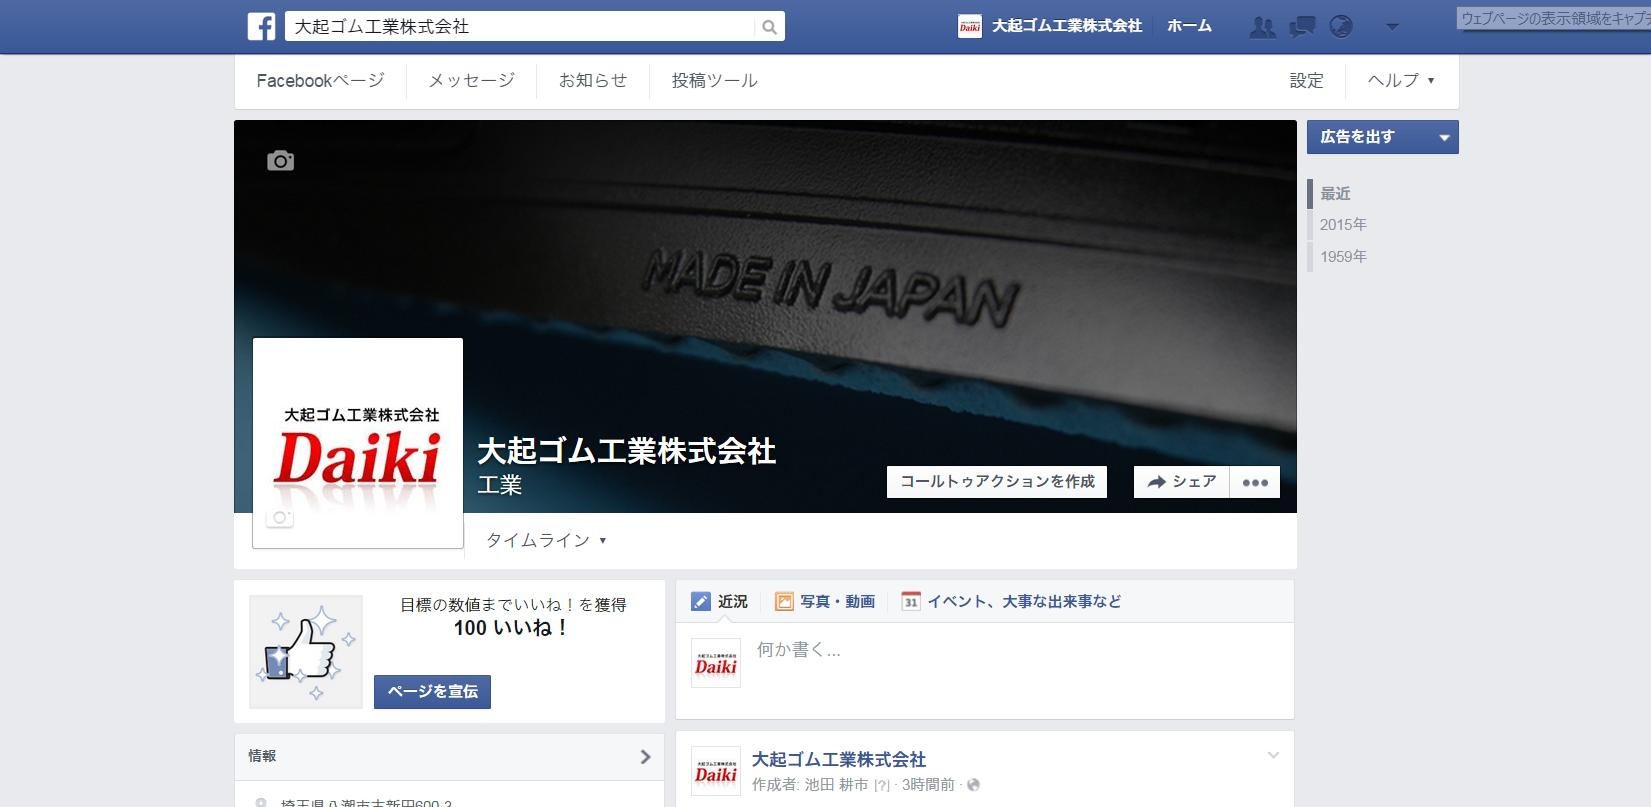 フェイスブックページが出来ました!!